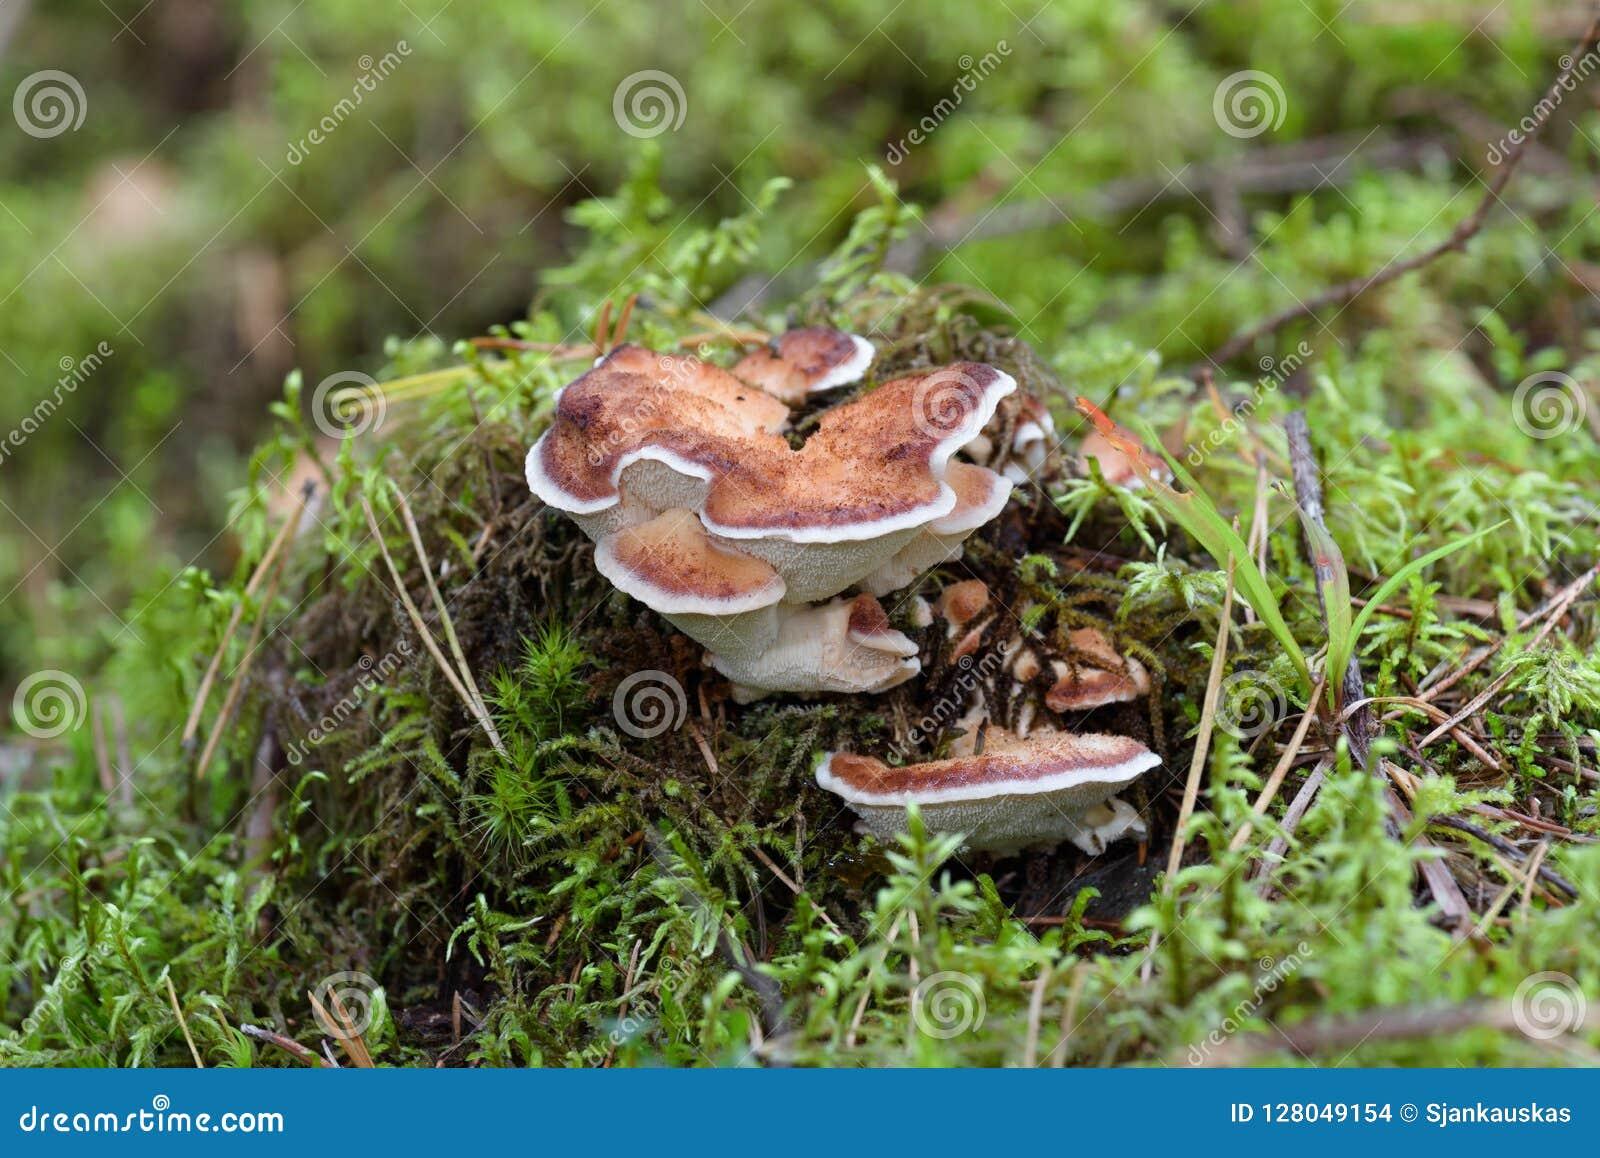 Κόκκινος-ζωσμένο pinicola Fomitopsis μυκήτων υποστηριγμάτων στο δάσος, μανιτάρι λειχήνων, υπόβαθρο φύσης